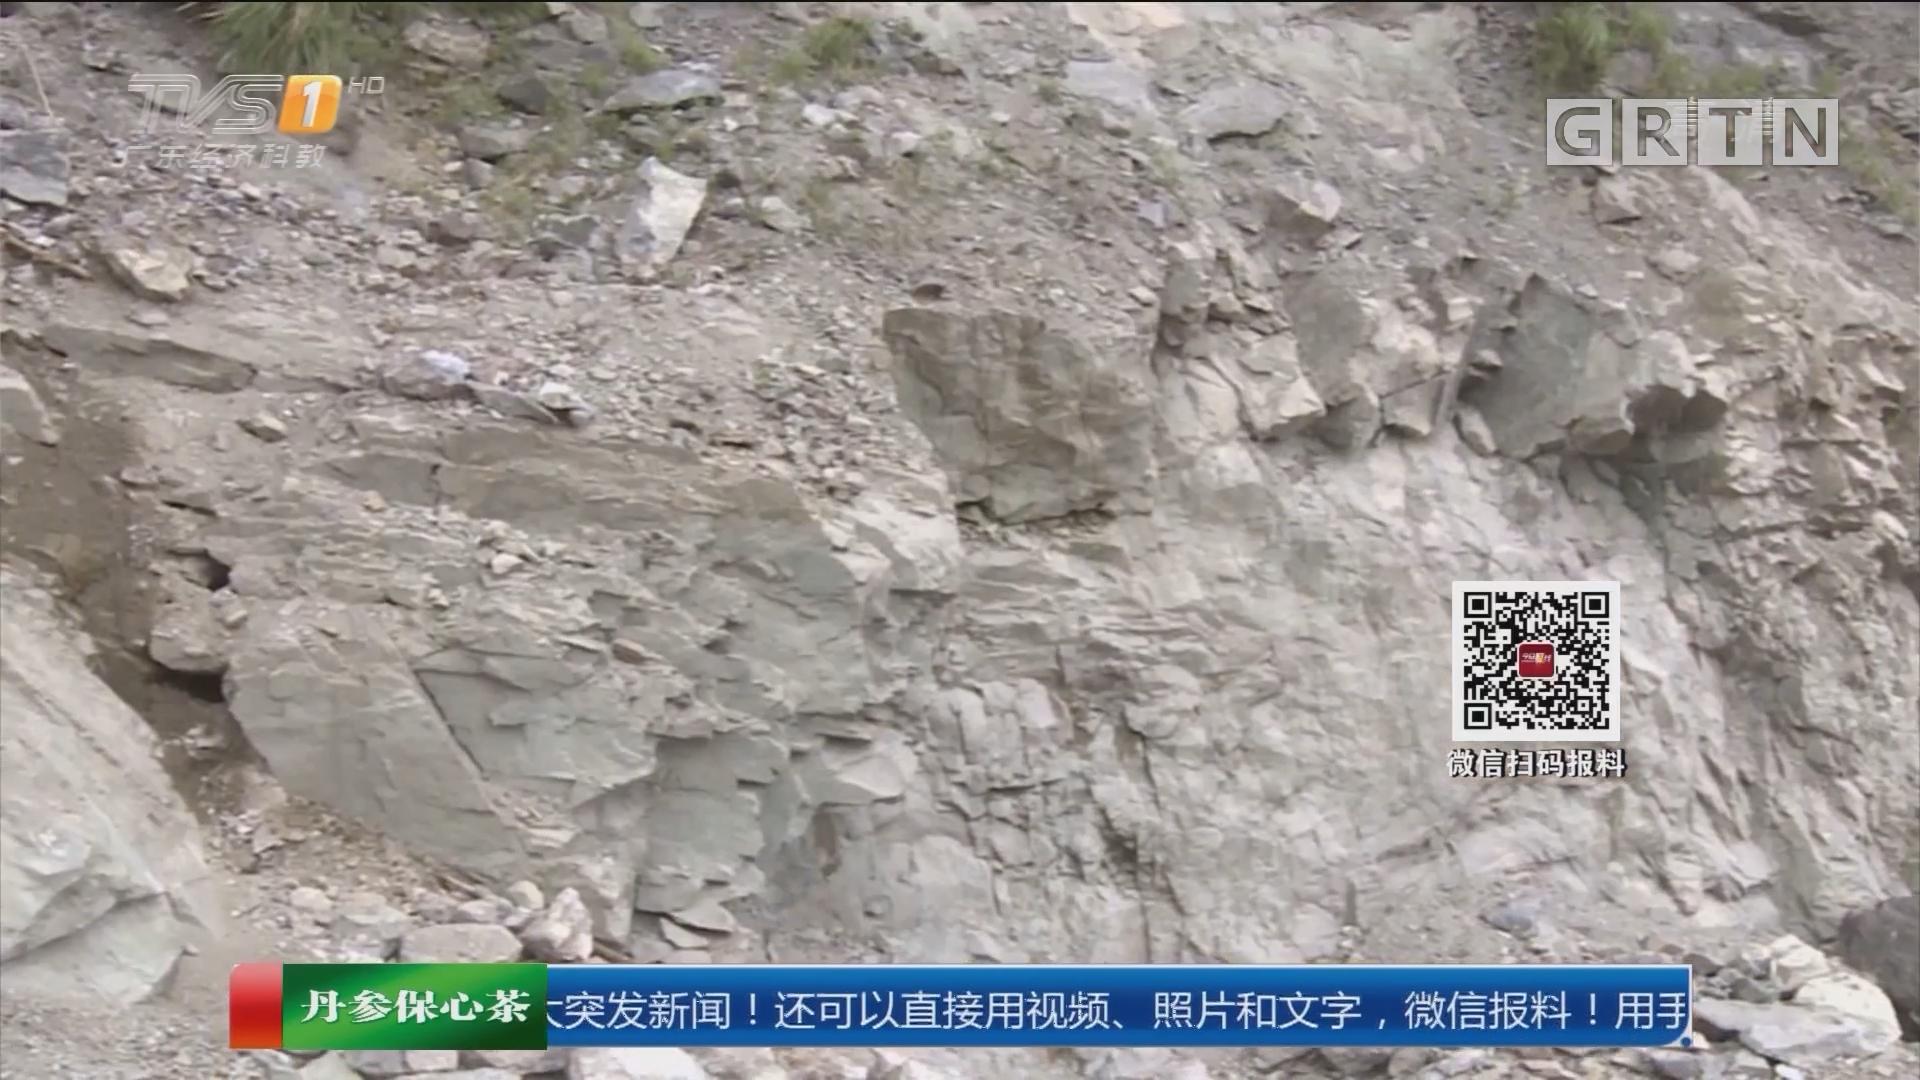 河源龙川非法取石事件追踪:节目播出后 多部门重拳打击整治